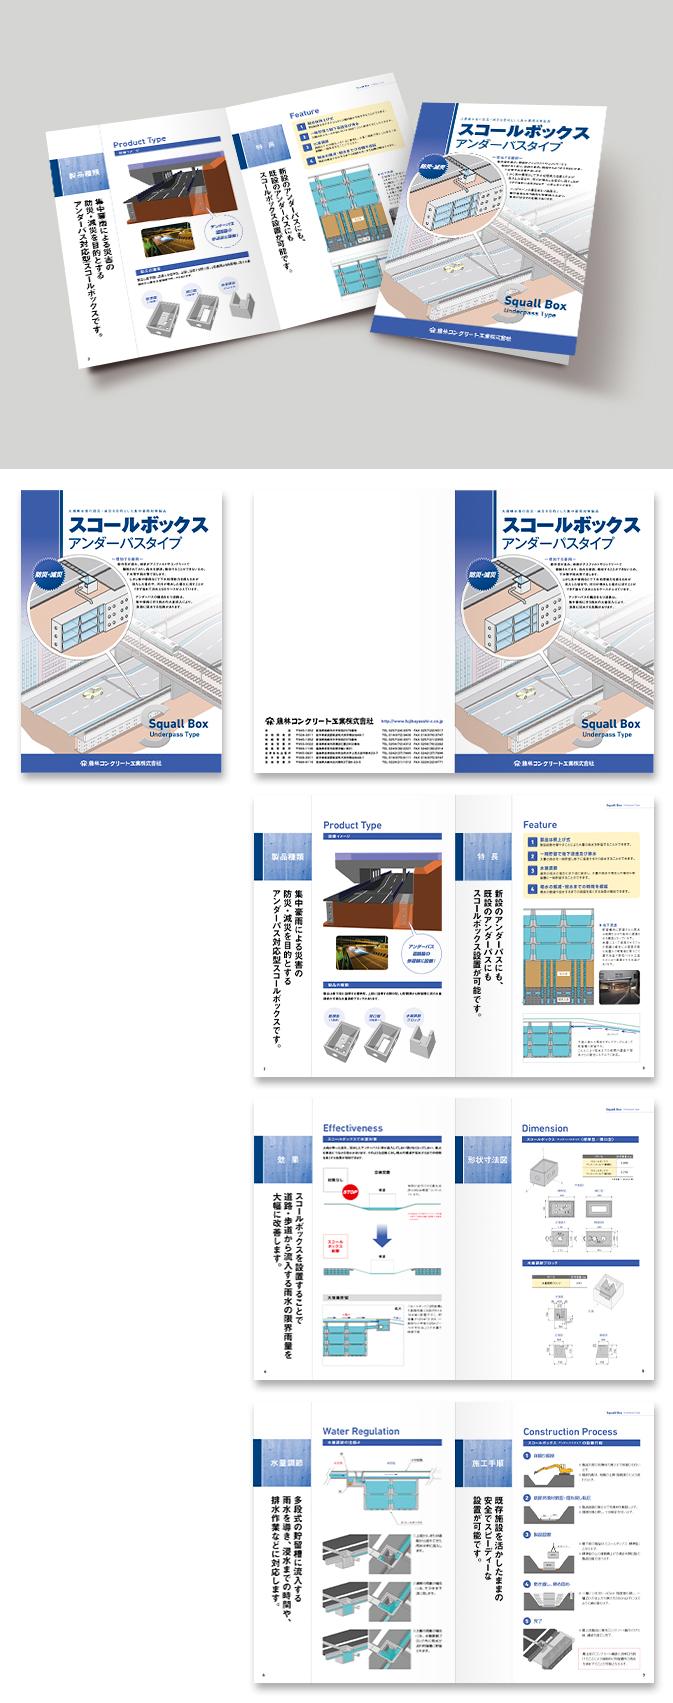 藤林コンクリート工業株式会社カタログデザイン